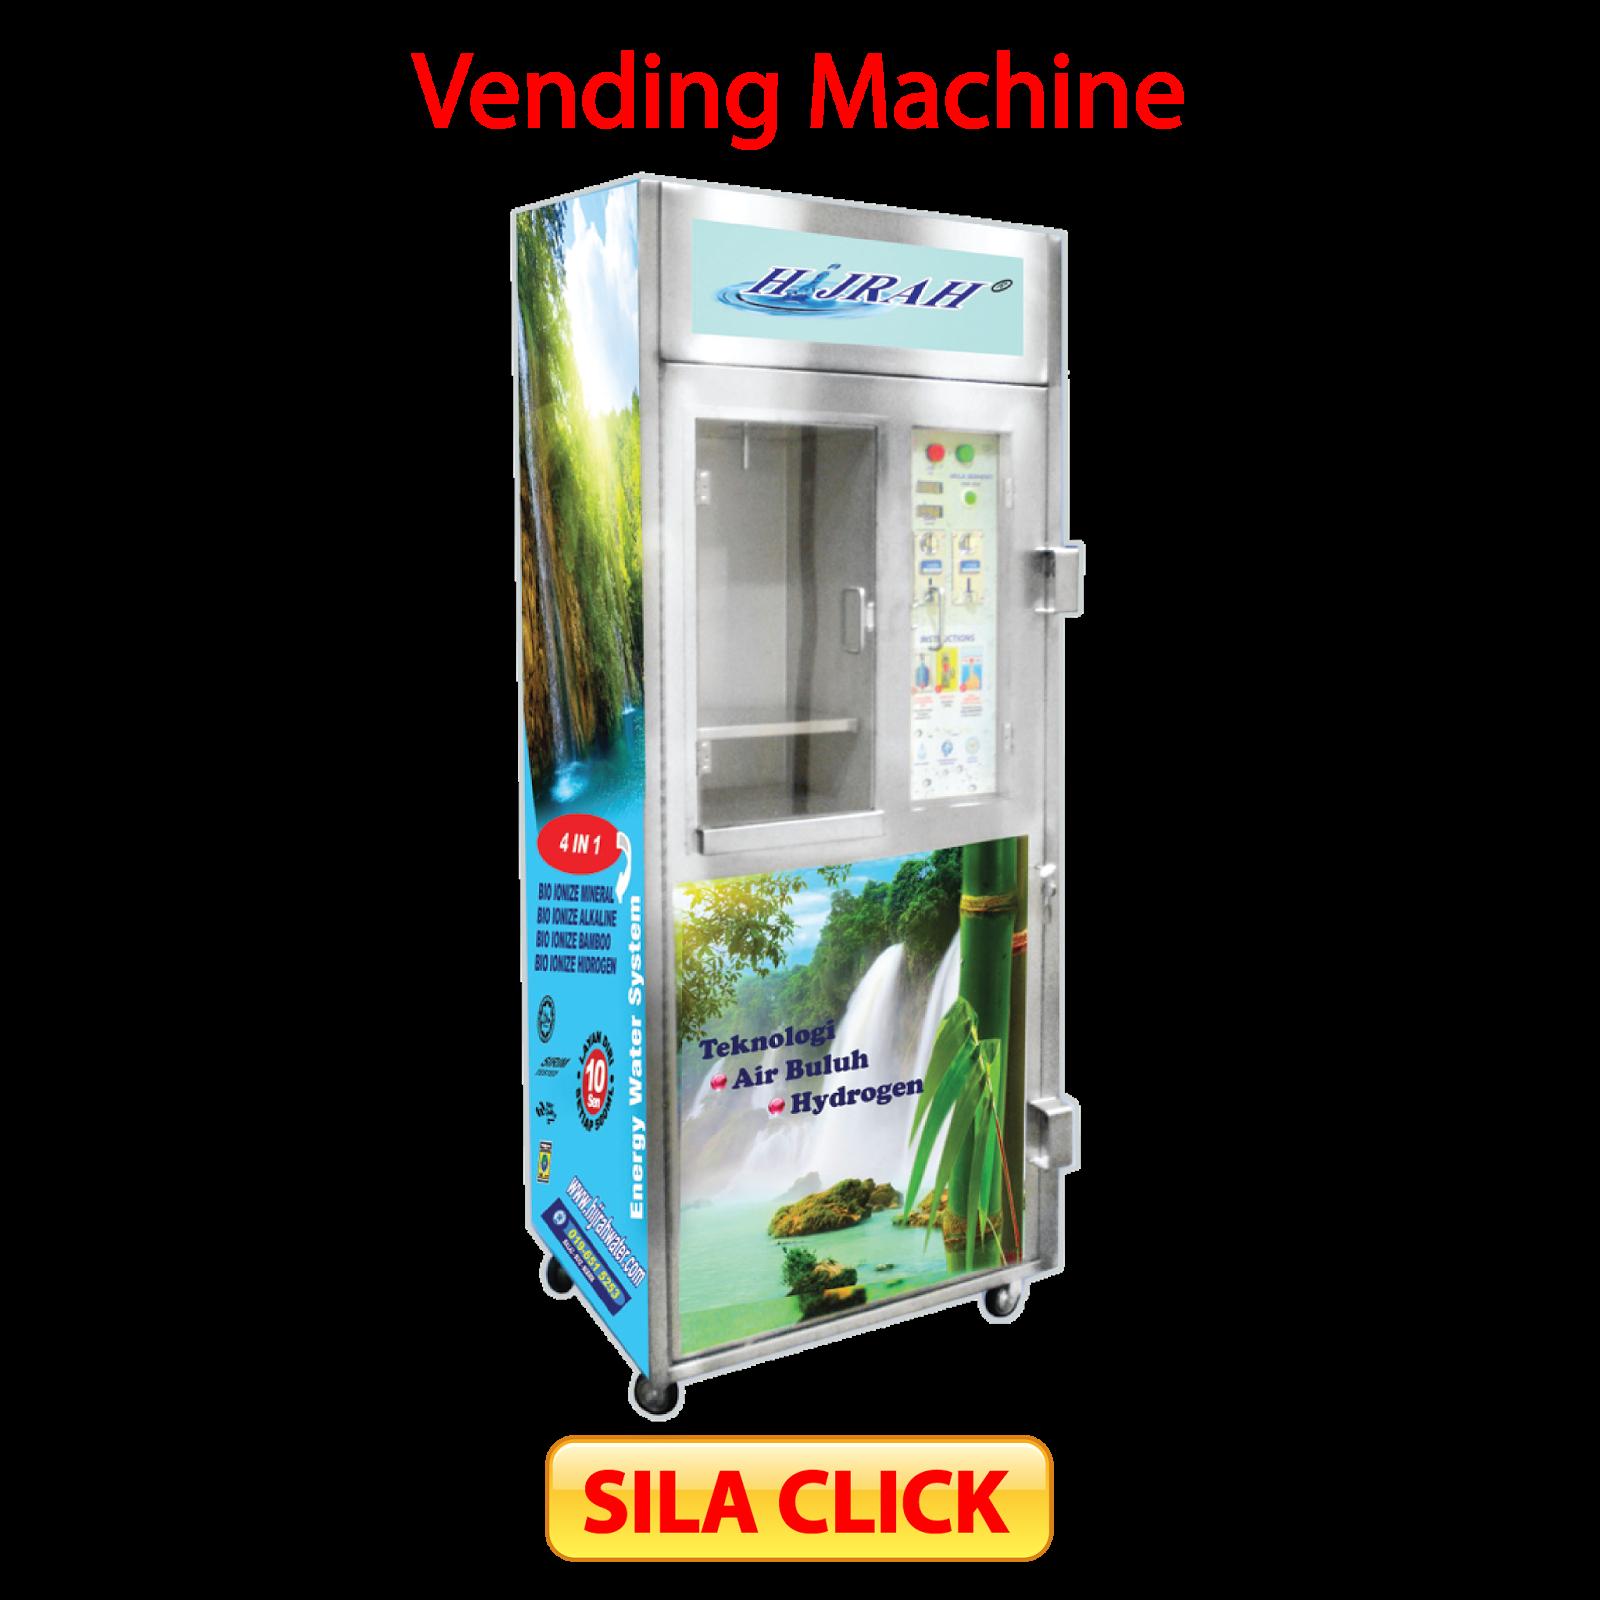 http://produkpenapisairhijrah.blogspot.com/p/vending-merchine.html